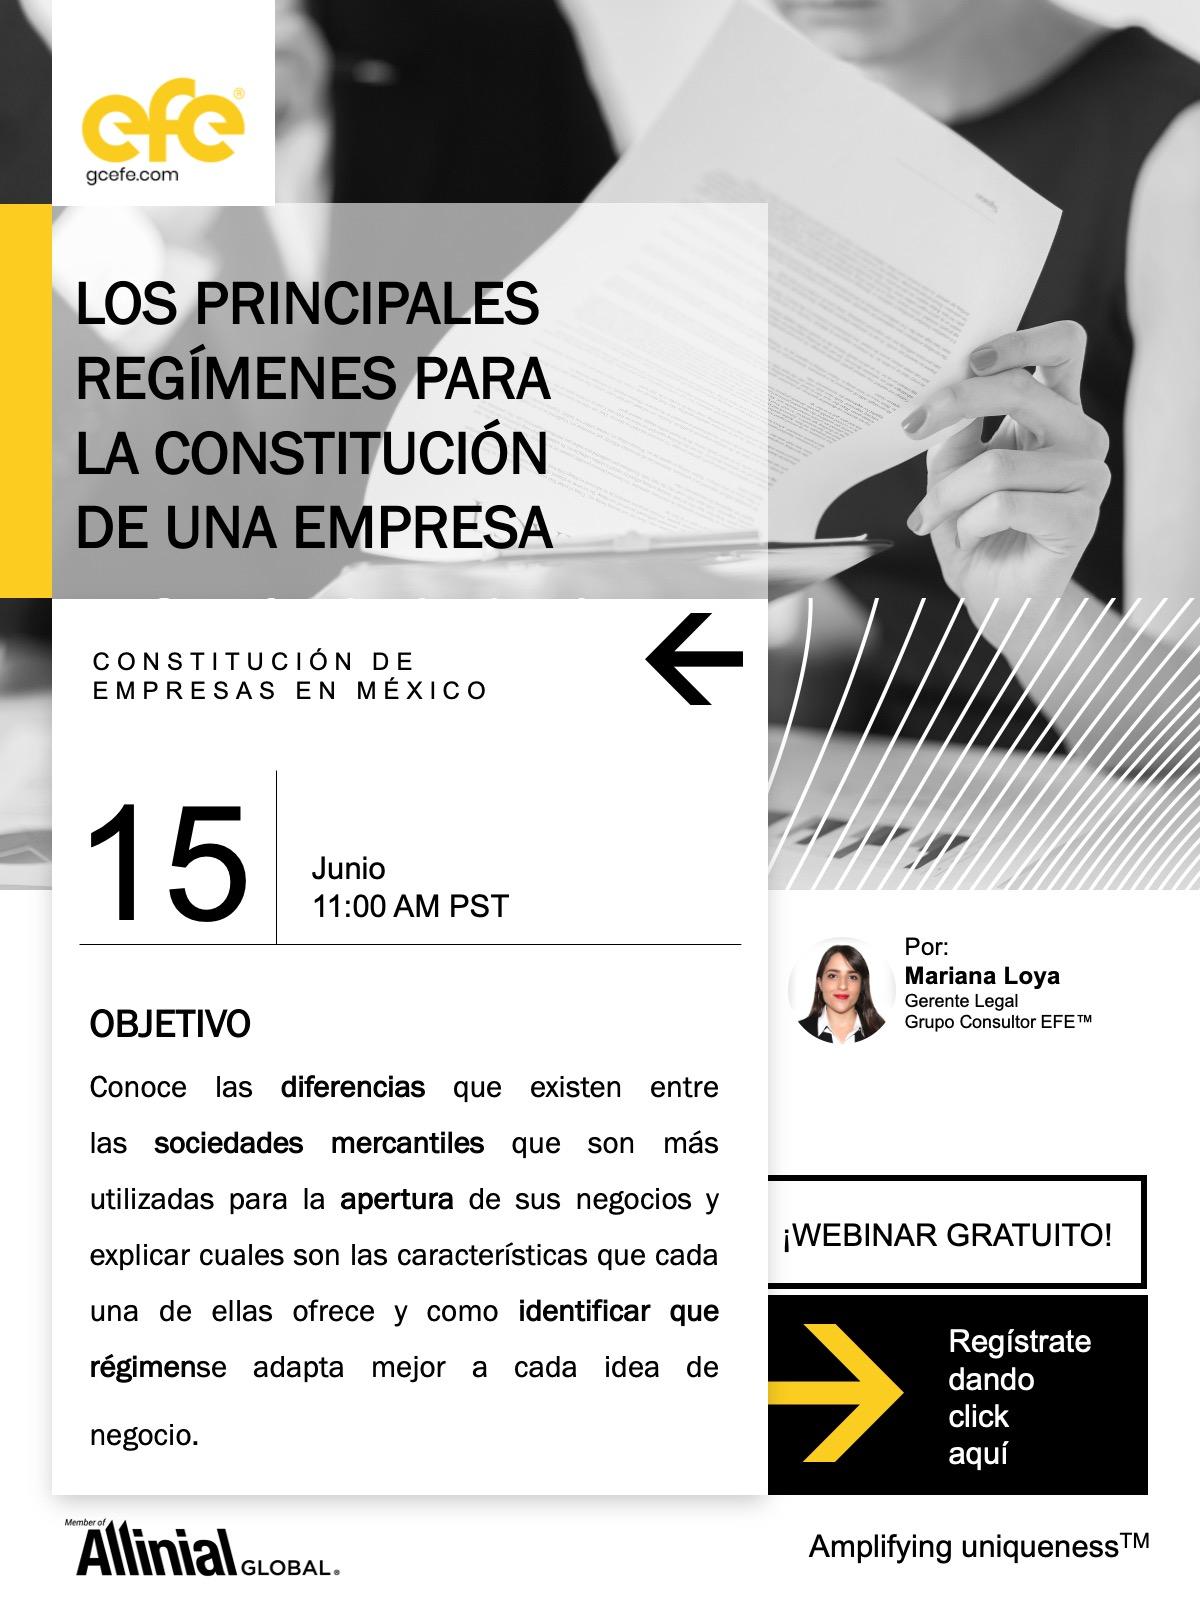 Los Principales Regímenes Para La Constitución De Una Empresa